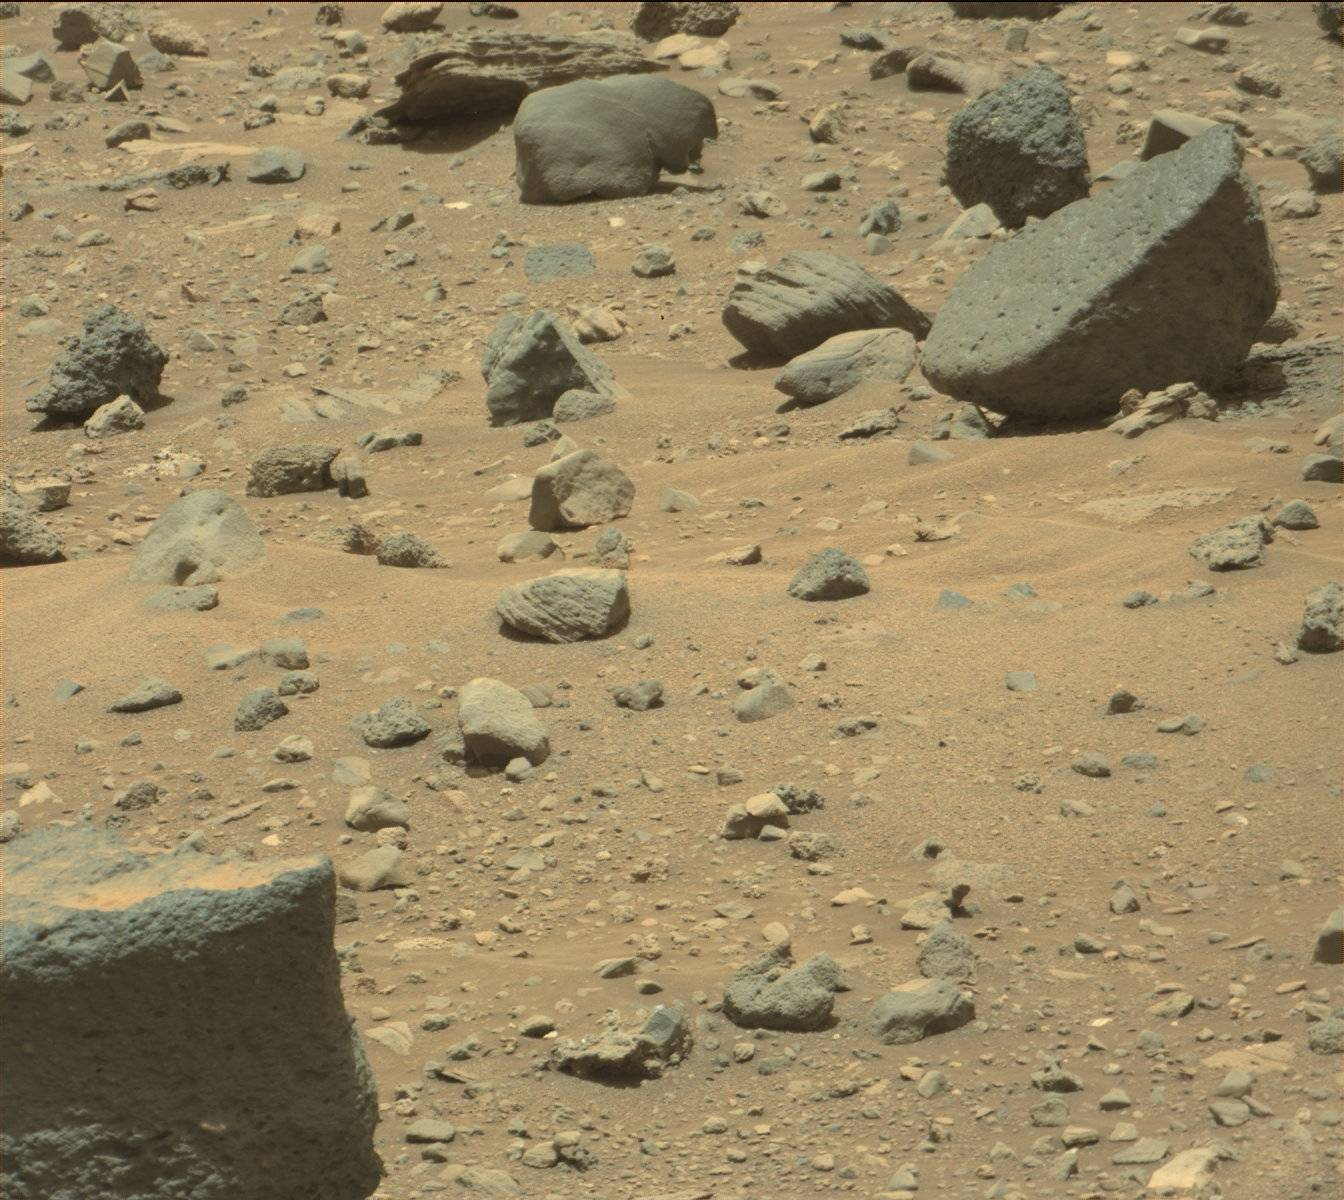 stones of discovery on mars nasa - photo #11